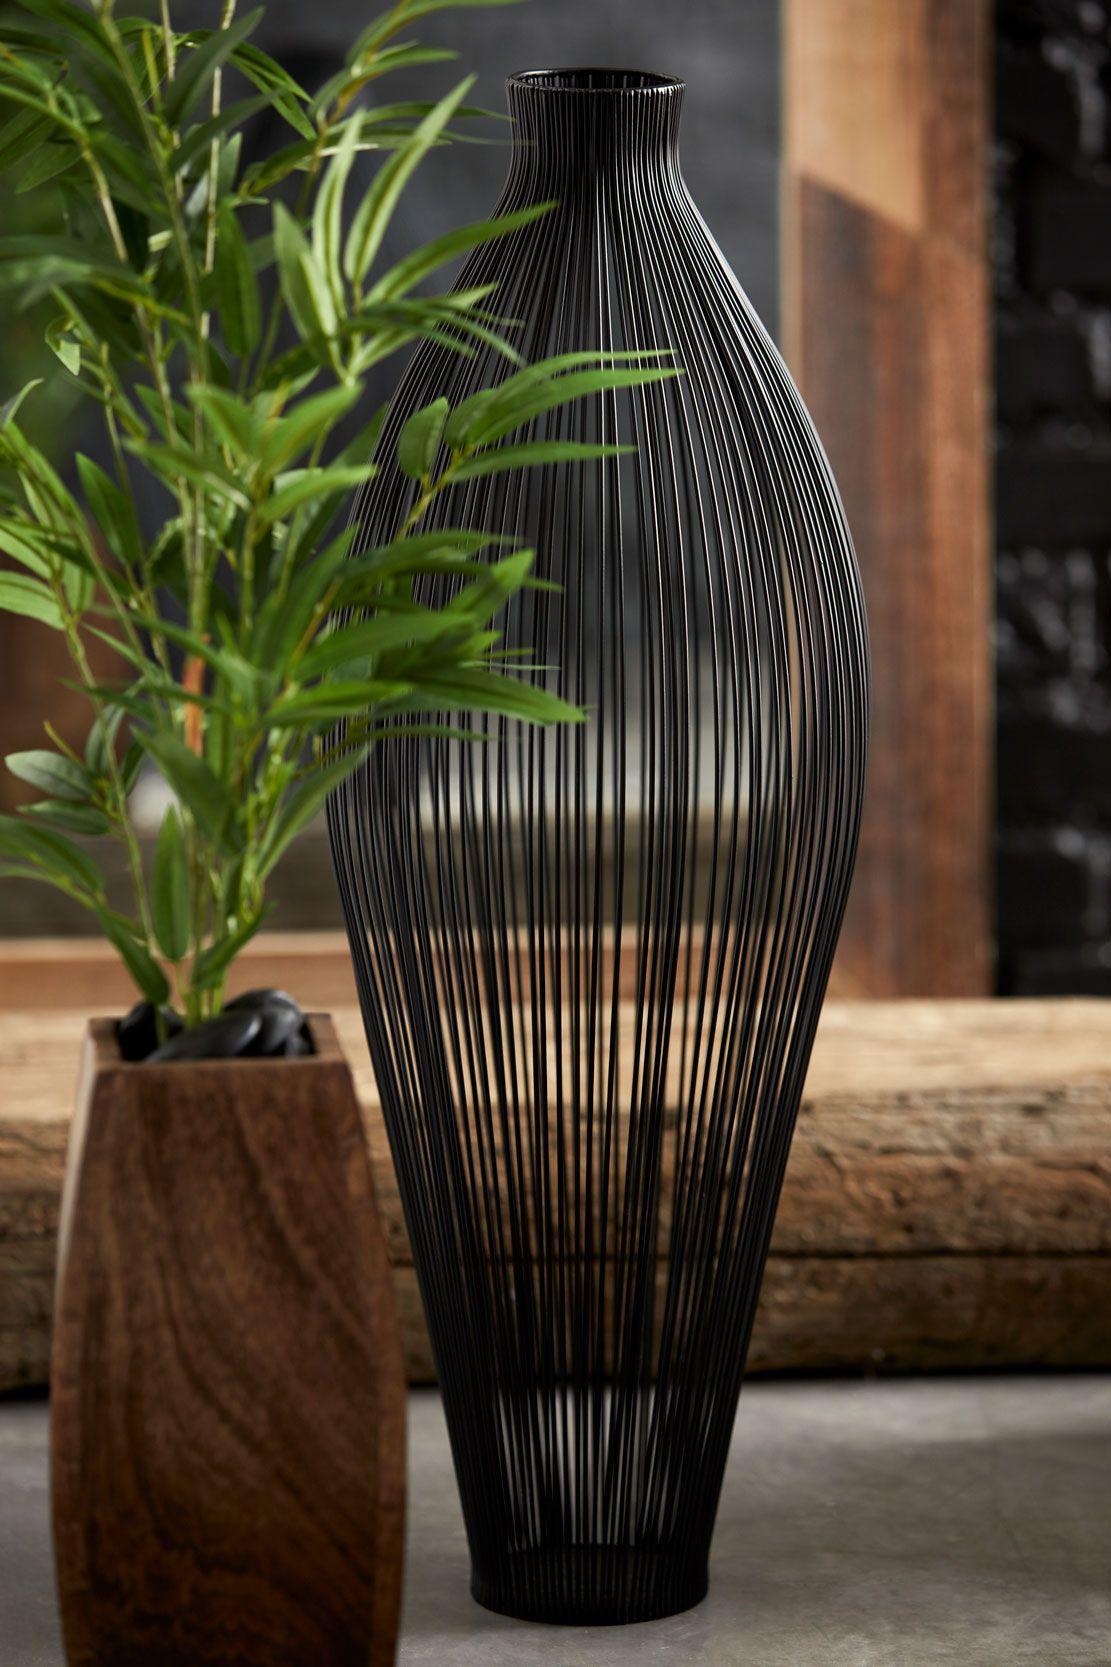 Metal Wire Floor Vase Floor Vase Floor Vase Decor Rustic Vase